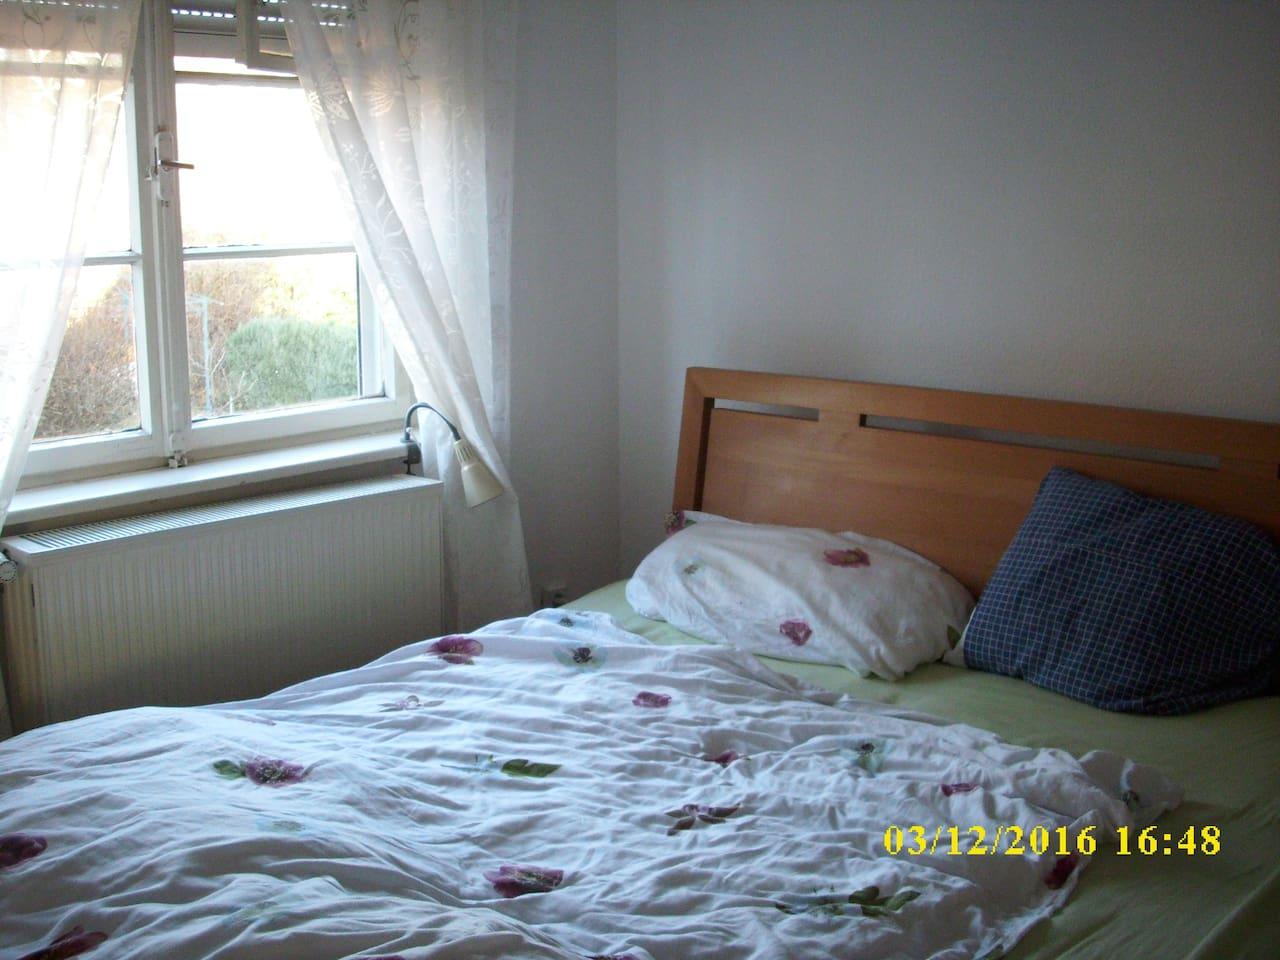 Schlafzimmer mit Blick in den Garten und direkten Zugang zu eigenem Badezimmer